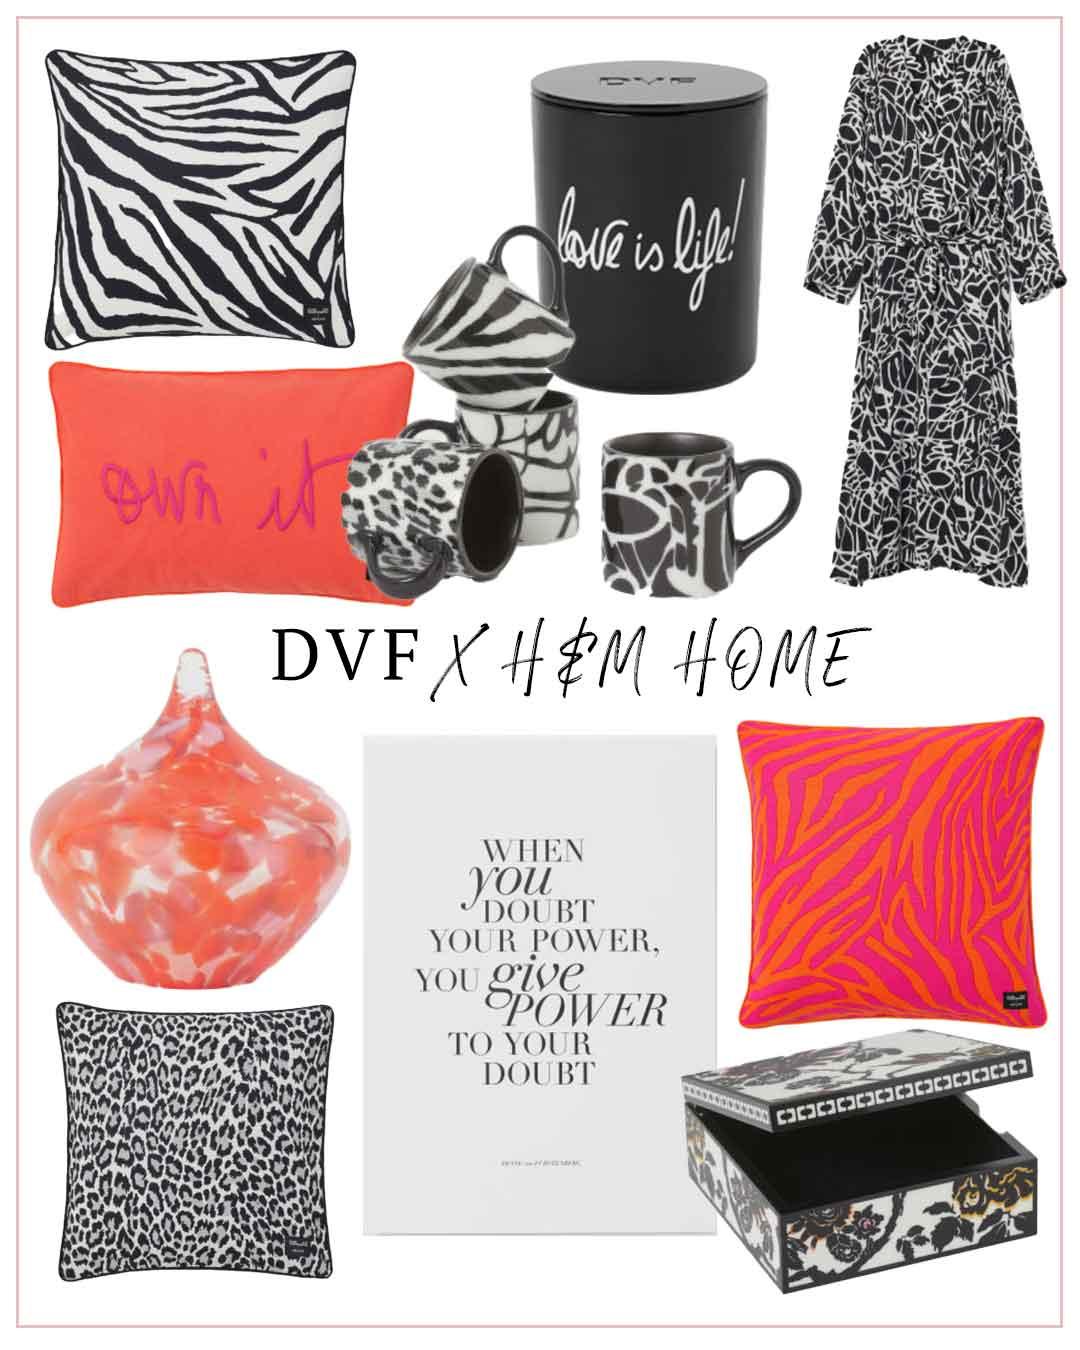 DVF x H&M Home